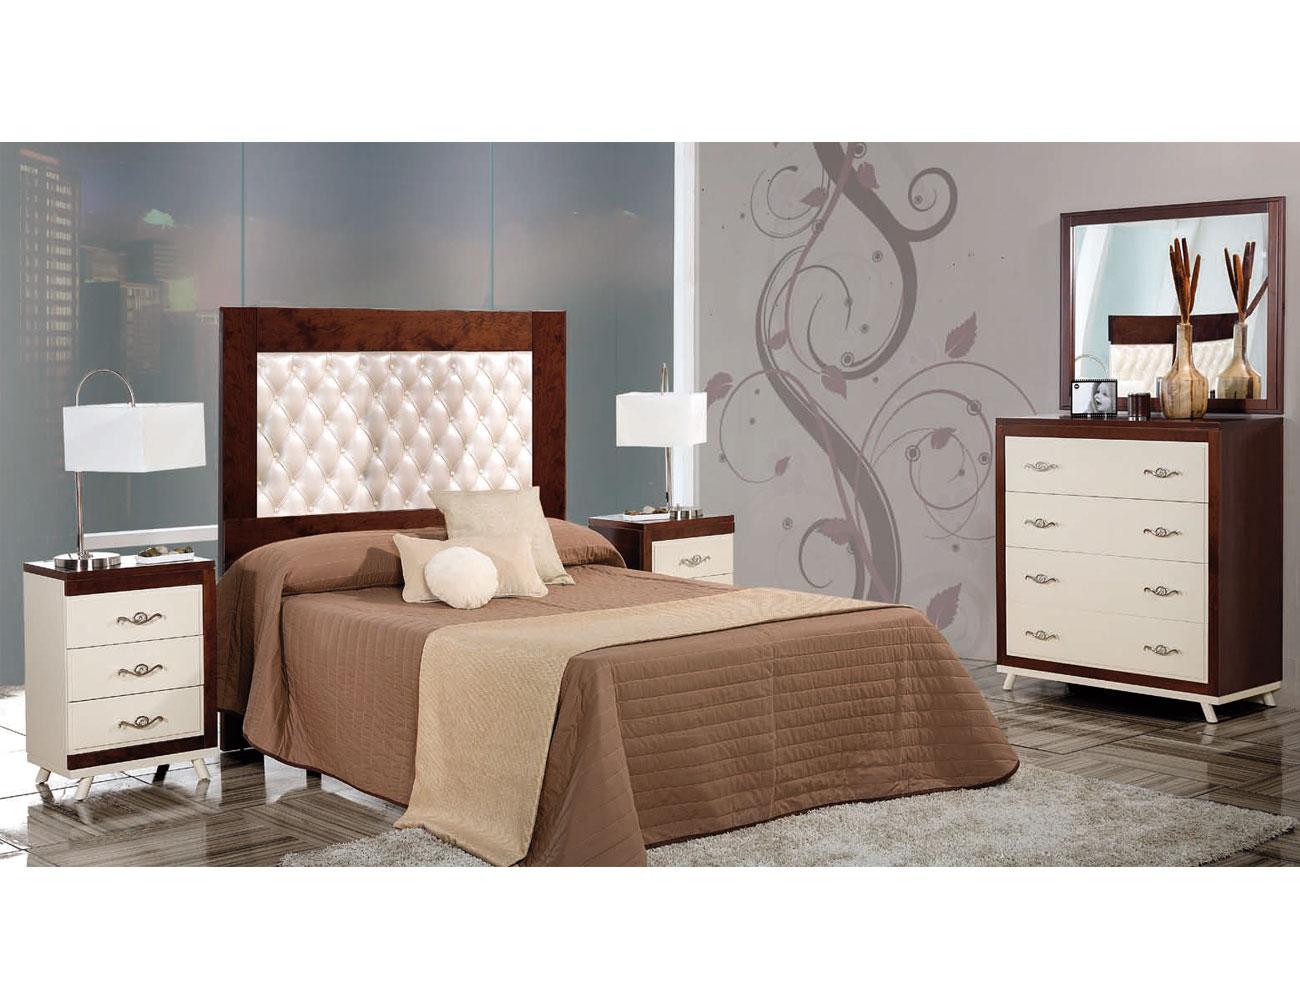 Composicion47 dormitorio matrimonio cabecero tapizado nogal beige